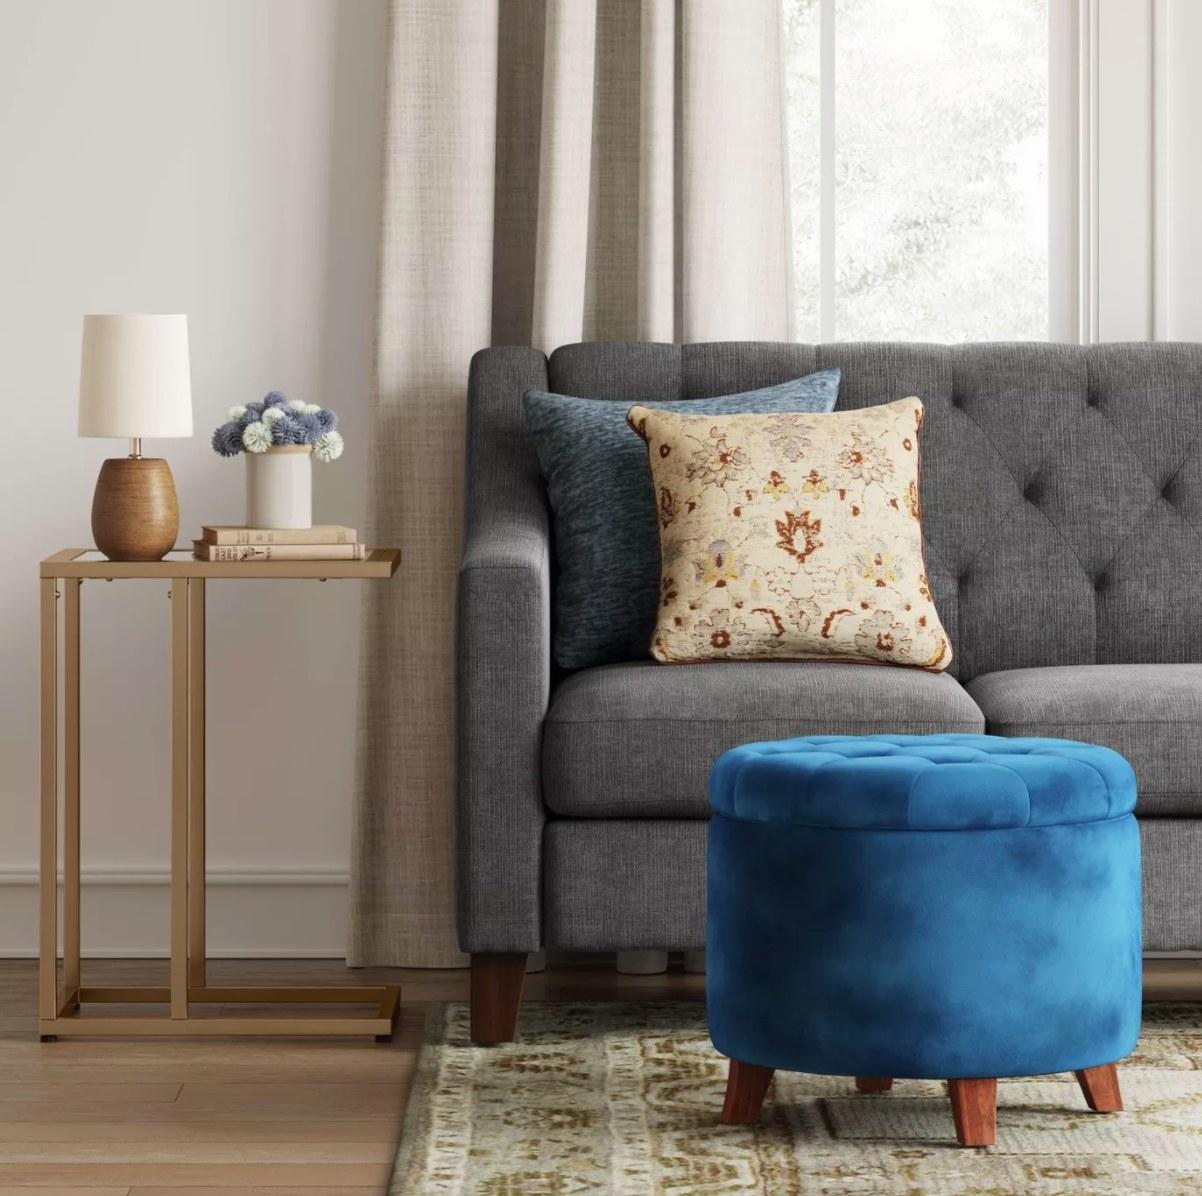 Blue velvet ottoman with wooden legs in living room scene